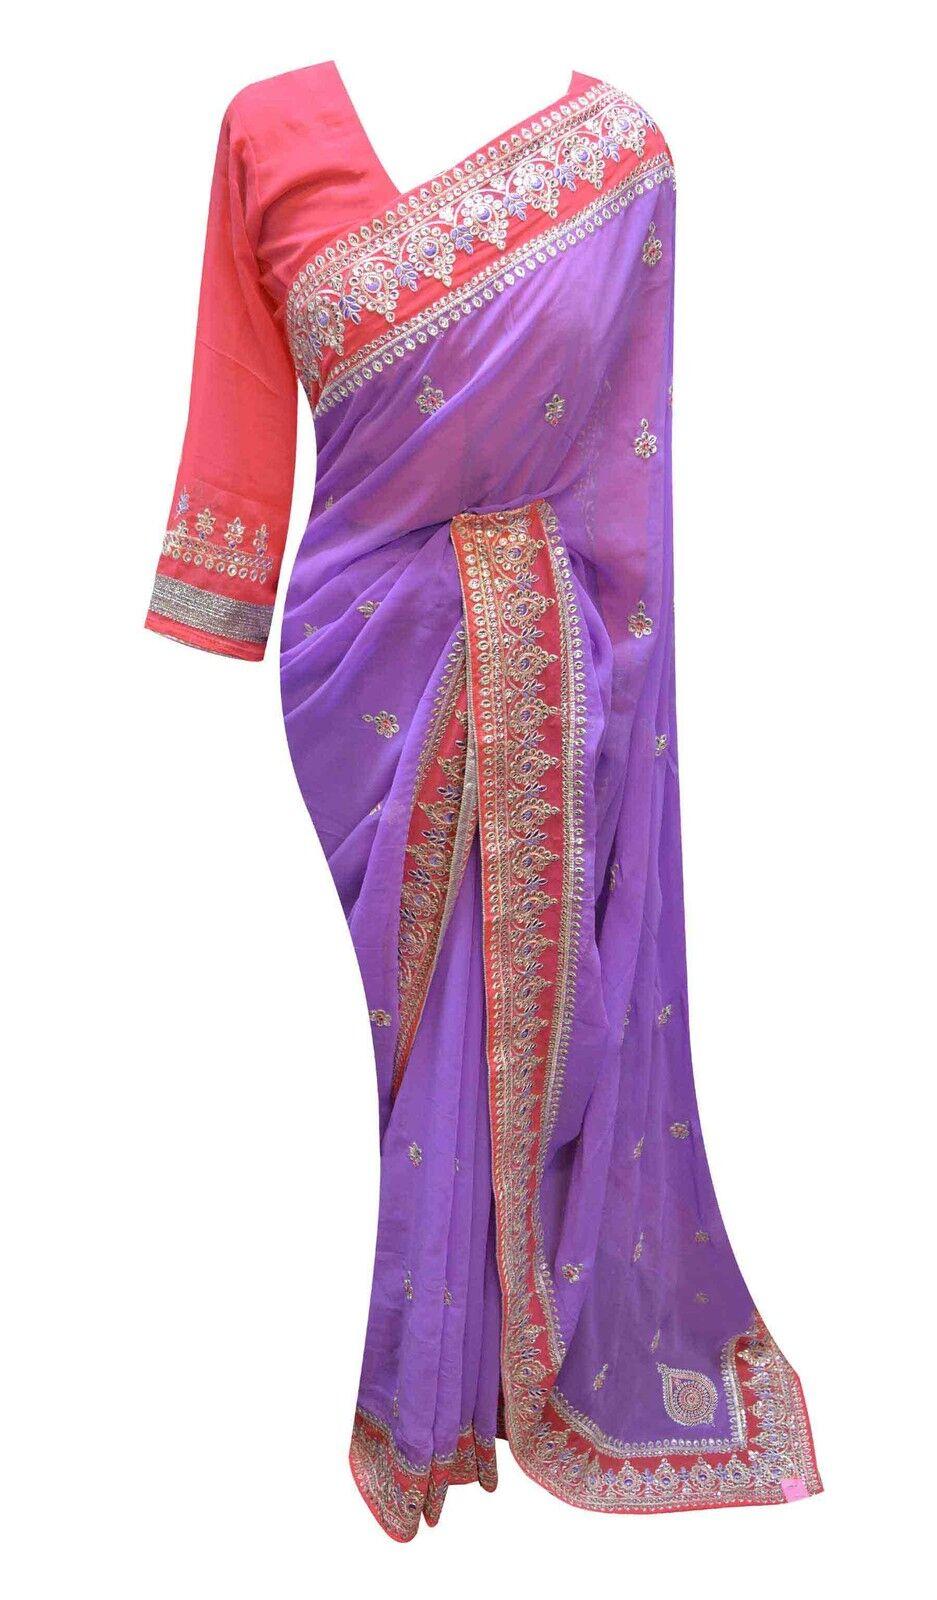 Damen Bollywood Designer Designer Designer Mode Partykleidung Indian Südafrika asiatisch Saree | Ausgezeichnete Leistung  | In hohem Grade geschätzt und weit vertrautes herein und heraus  f3fc06